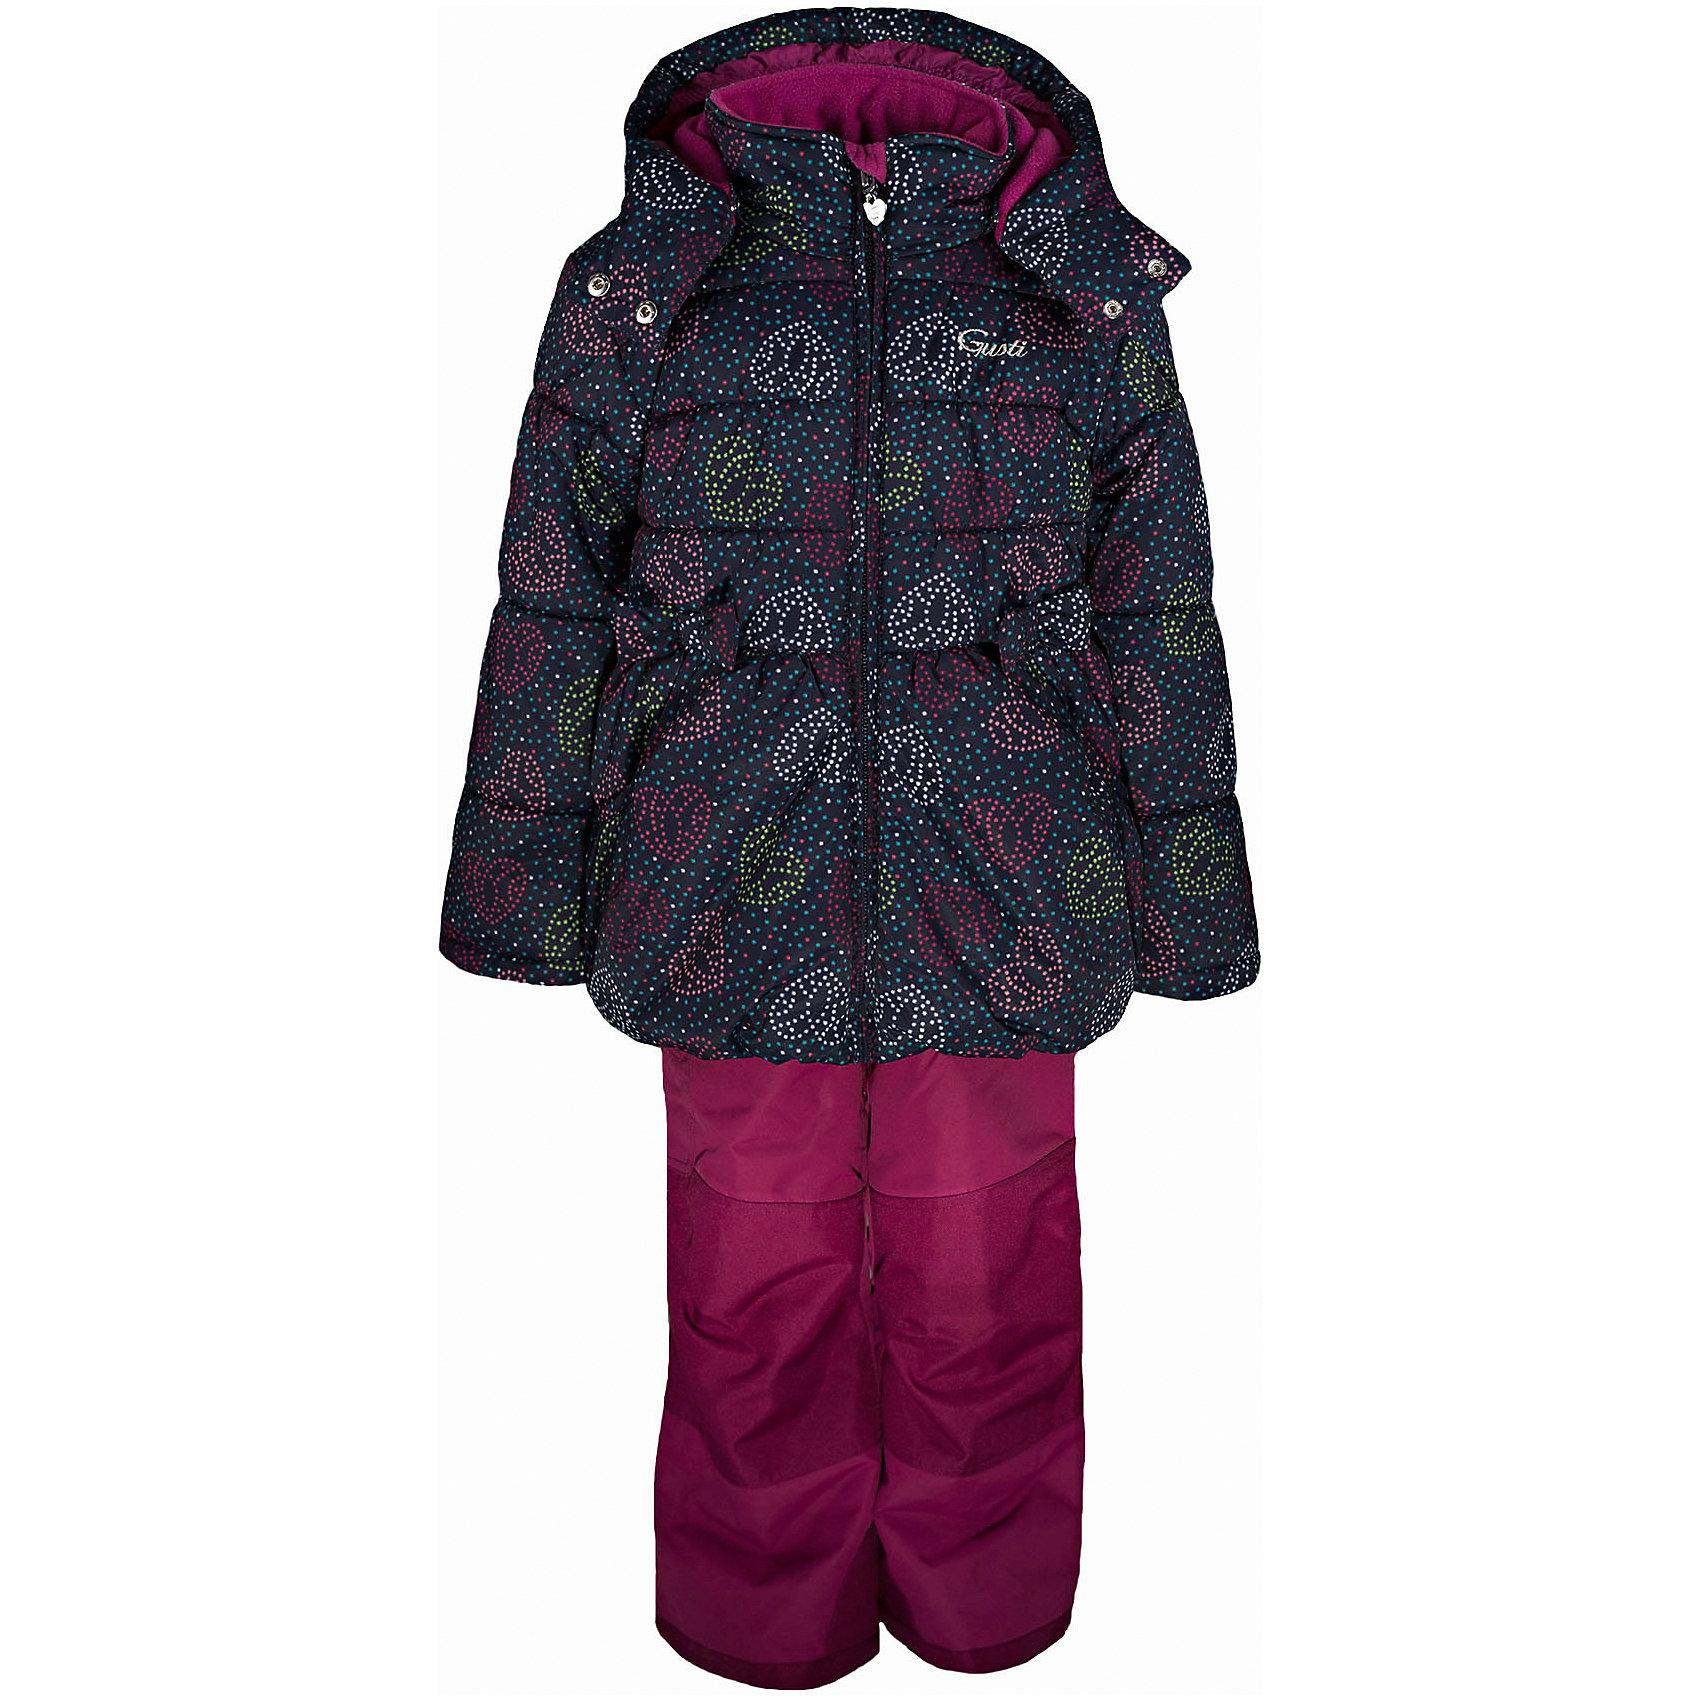 Комплект: куртка и полукомбинезон GUSTIВерхняя одежда<br>Комплект: куртка и полукомбинезон GUSTI (ГУСТИ) – это идеальный вариант для суровой зимы с сильными морозами.<br><br>Температурный режим: до -30  градусов. Степень утепления – высокая. <br><br>* Температурный режим указан приблизительно — необходимо, прежде всего, ориентироваться на ощущения ребенка. Температурный режим работает в случае соблюдения правила многослойности – использования флисовой поддевы и термобелья.<br><br>Комплект от GUSTI (ГУСТИ) состоит из куртки и полукомбинезона, выполненных из плотного непромокаемого материала с защитной от влаги мембраной 5000 мм. Тань хорошо сохраняет тепло, отталкивает влагу и позволяет коже ребенка дышать. Утеплитель из тек-полифилла и флисовая внутренняя отделка на груди и на спинке дают возможность использовать комплект при очень низких температурах. Куртка застегивается на молнию с ветрозащитной планкой, имеет два боковых кармана, снегозащитную юбку, эластичную утяжку на талии, трикотажные манжеты в рукавах, высокий ворот с защитой подбородка, отстёгивающийся капюшон с флисовой подкладкой. Полукомбинезон застегивается на молнию, имеет накладной карман с клапаном на липучке, регулируемые лямки, снегозащитные гетры. Длина брючин регулируется (отворот с креплением на липе). Сзади, на коленях, и по низу брючин имеется дополнительный слой ткани Cordura Oxford (сверхстойкий полиэстер). До размера 6х (120 см.) у полукомбинезона высокая грудка, в размерах 7 (122 см.) - 14 (164см) отстегивающаяся спинка, грудки нет. Модель подходит для прогулок на морозе до -30 градусов.<br><br>Дополнительная информация:<br><br>- Сезон: зима<br>- Пол: девочка<br>- Цвет: черный, фиолетовый<br>- Температурный режим до -30 градусов<br>- Материал верха: куртка - shuss 5000мм (100% полиэстер); брюки - taslan 5000мм, накладки Cordura Oxford сзади, на коленях, и по низу брючин<br>- Наполнитель: куртка - тек-полифилл плотностью 283 гр/м (10 унций) 100% полиэстер; брюки - тек-полифилл плотностью 1